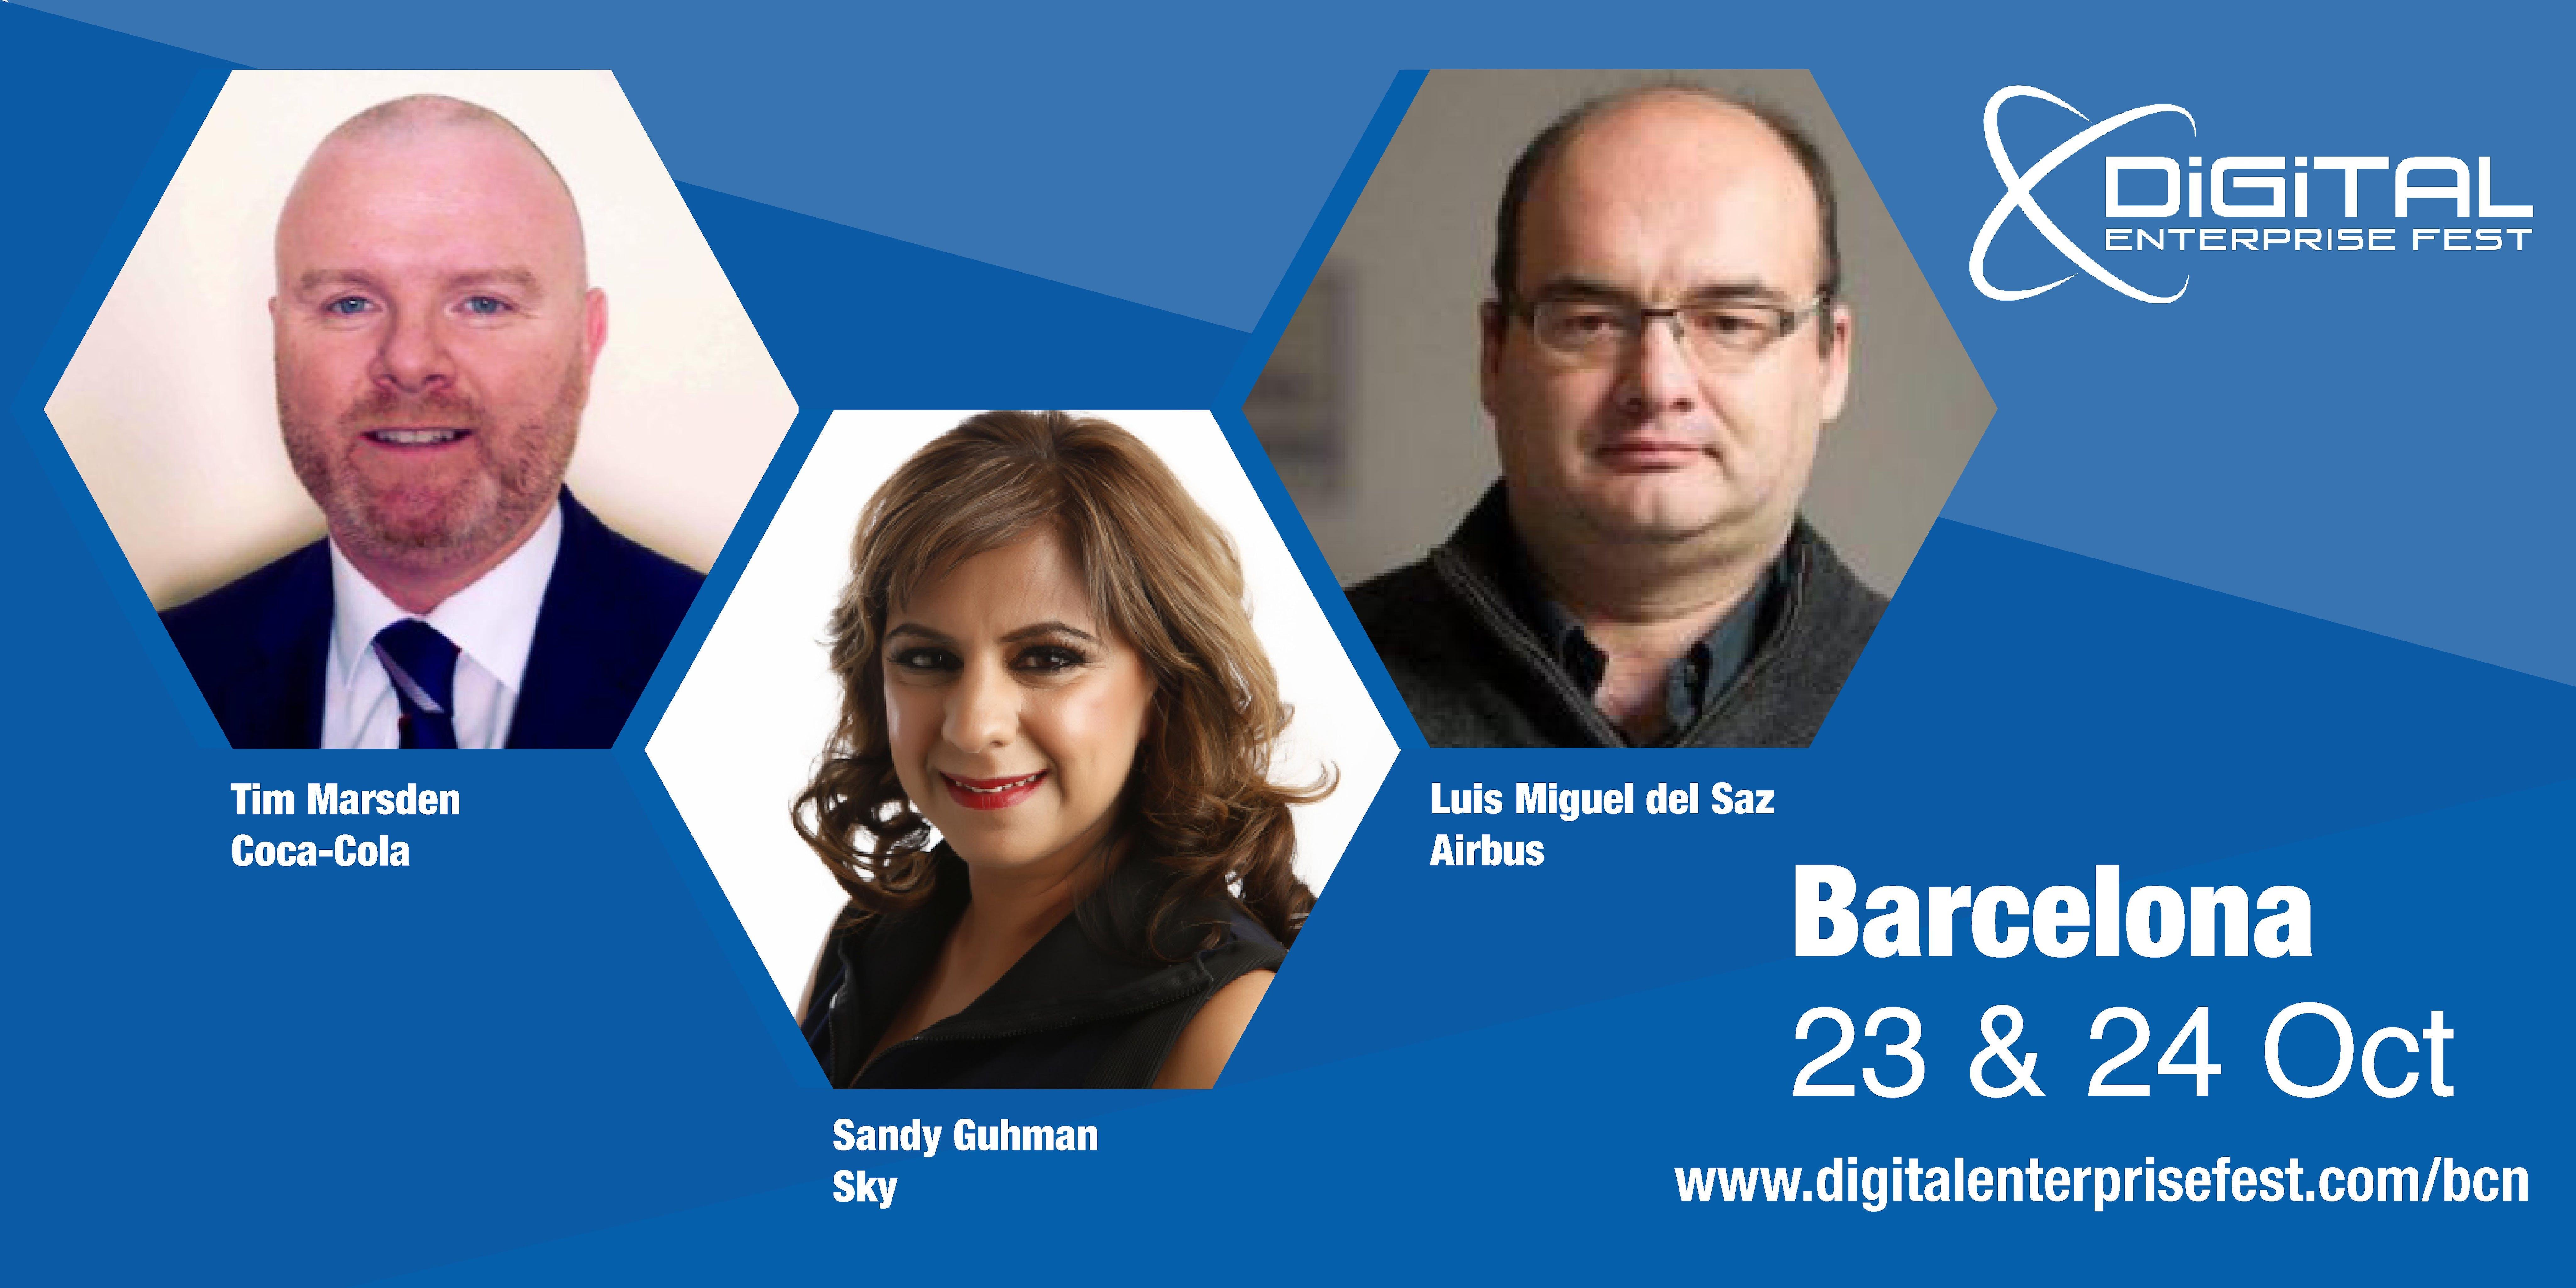 Barcelona Digital Enterprise Festival